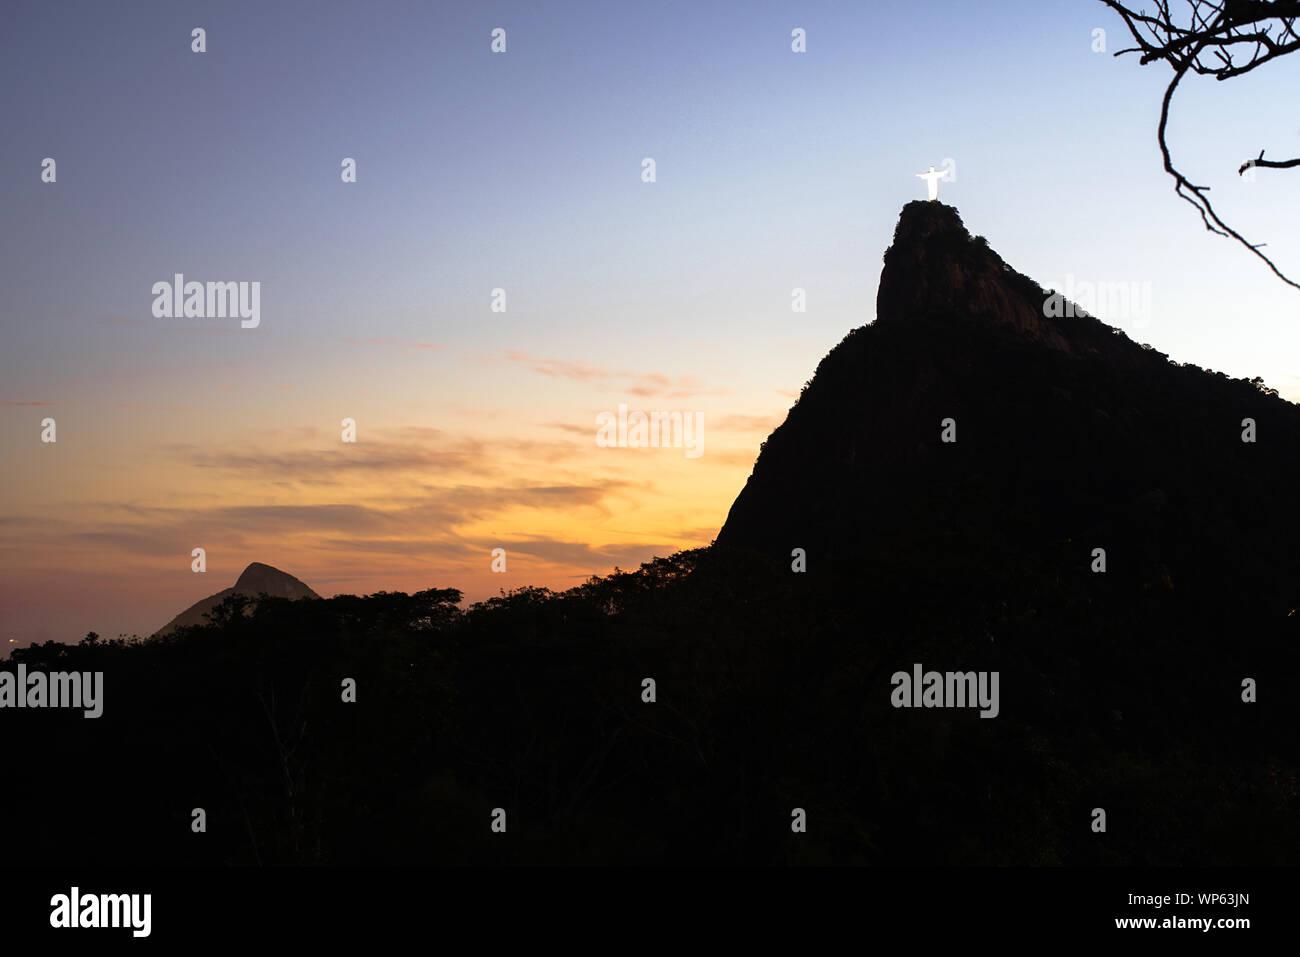 Christ the Redeemer and Corcovado mountain in Rio de Janeiro, Brazil Stock Photo